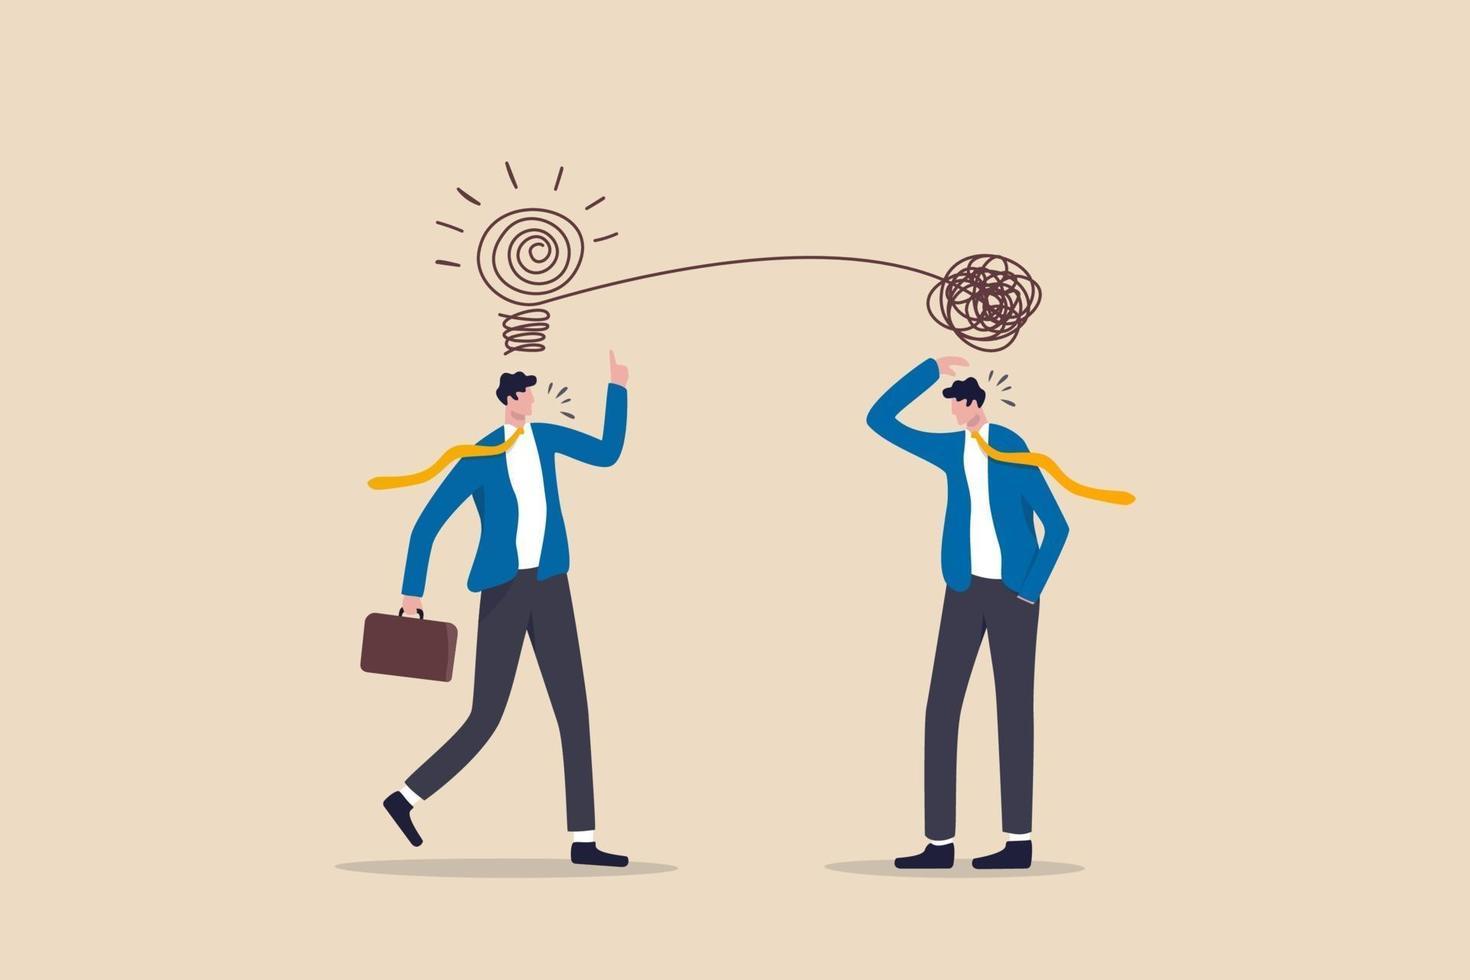 proaktivt och reaktivt tänkande, kaos och ordningsteori eller förenkla idé för att lösa svårighetsproblem vektor